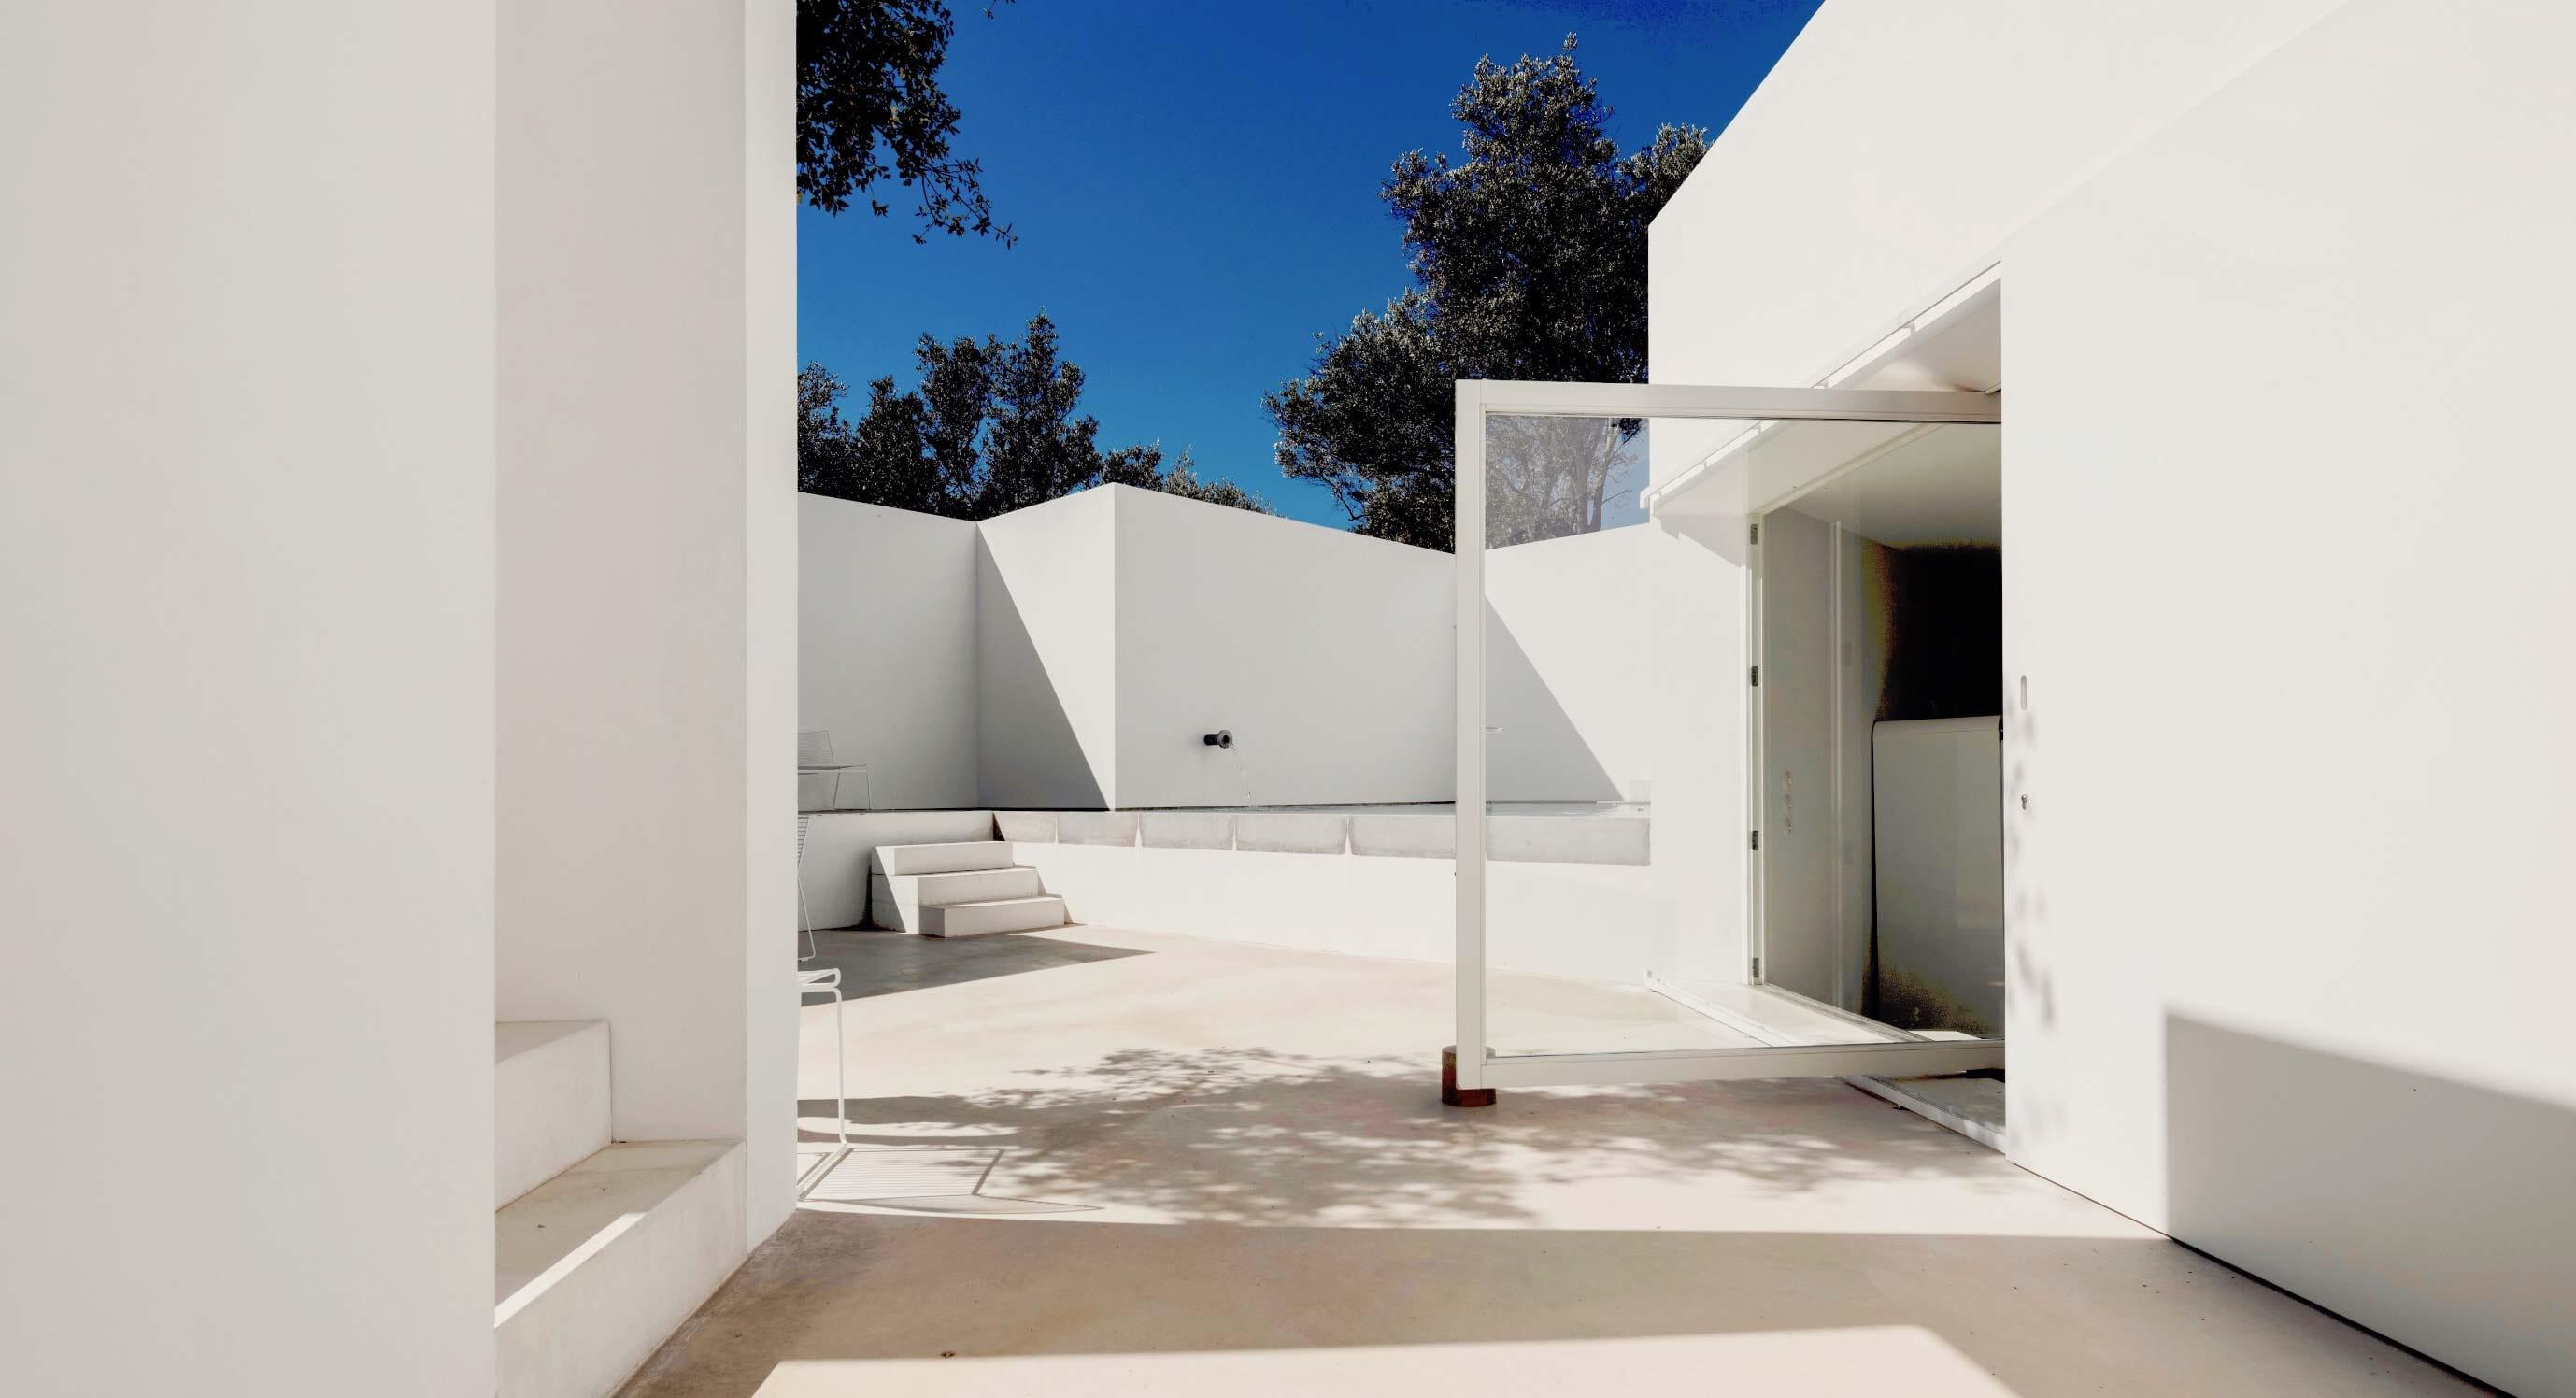 The Ultimate Hideaway - Pedro Domingos Arquitectos' Casa Luum